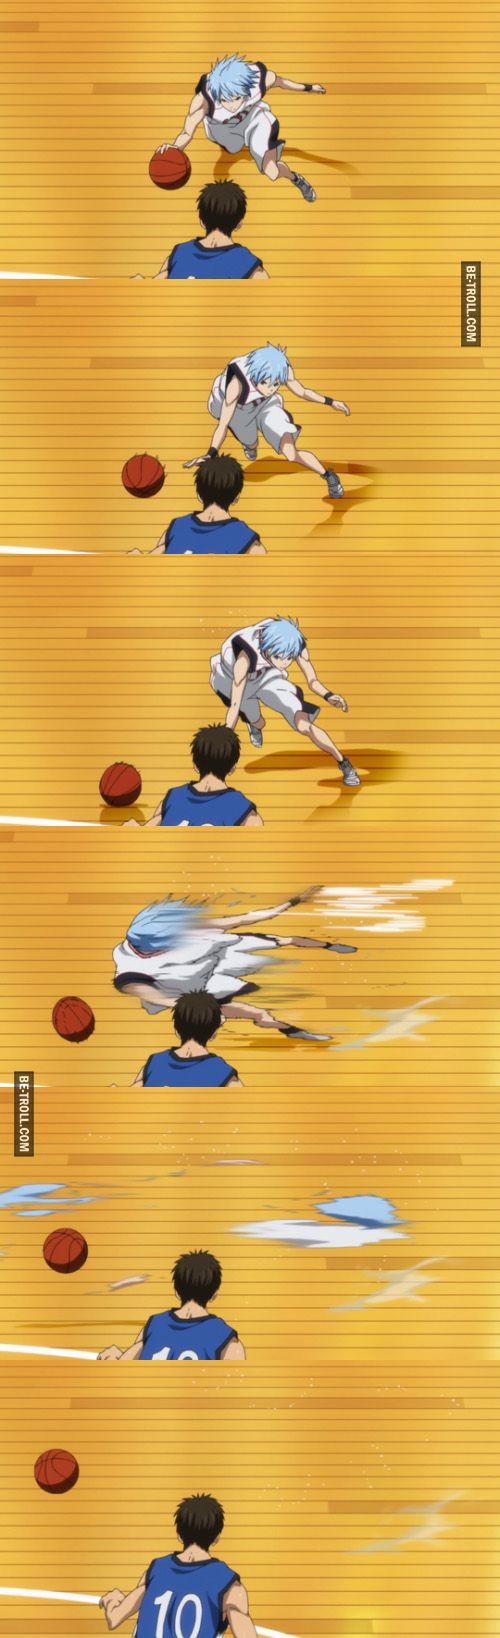 Quand tu joues au basket et que tu changes de dimension sans vouloir